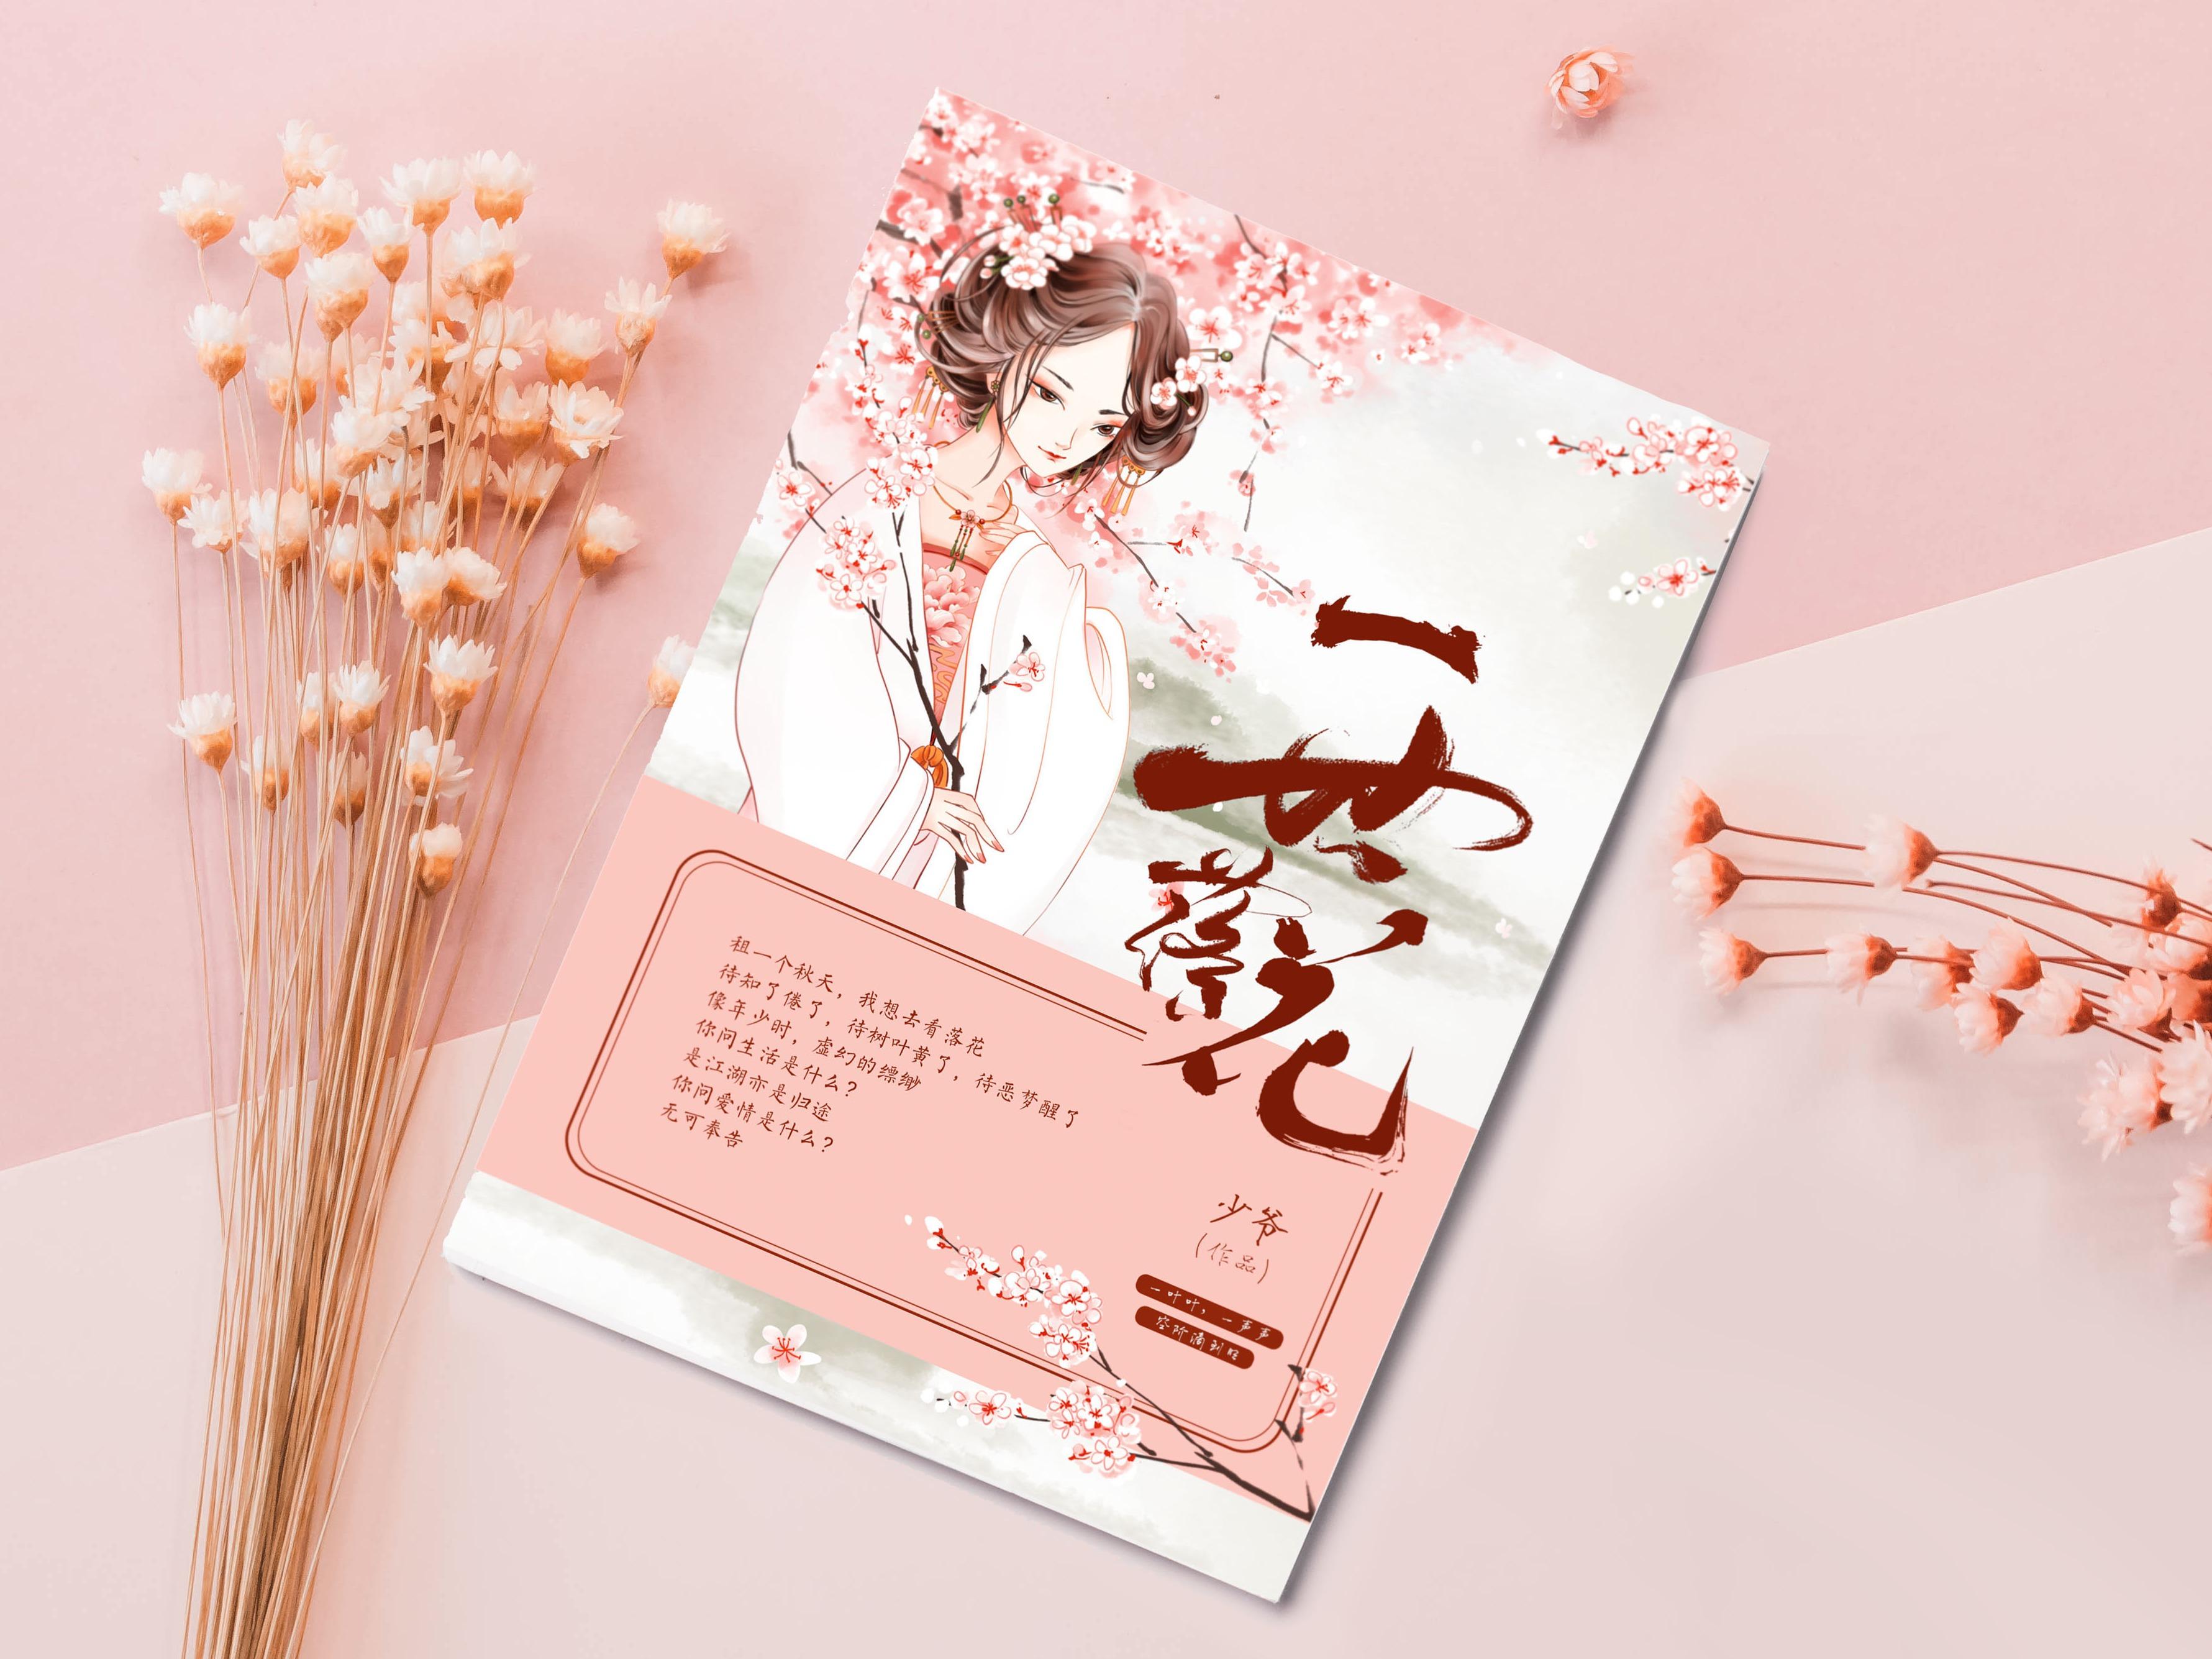 小说书籍封面_古风小说 书籍 封面设计